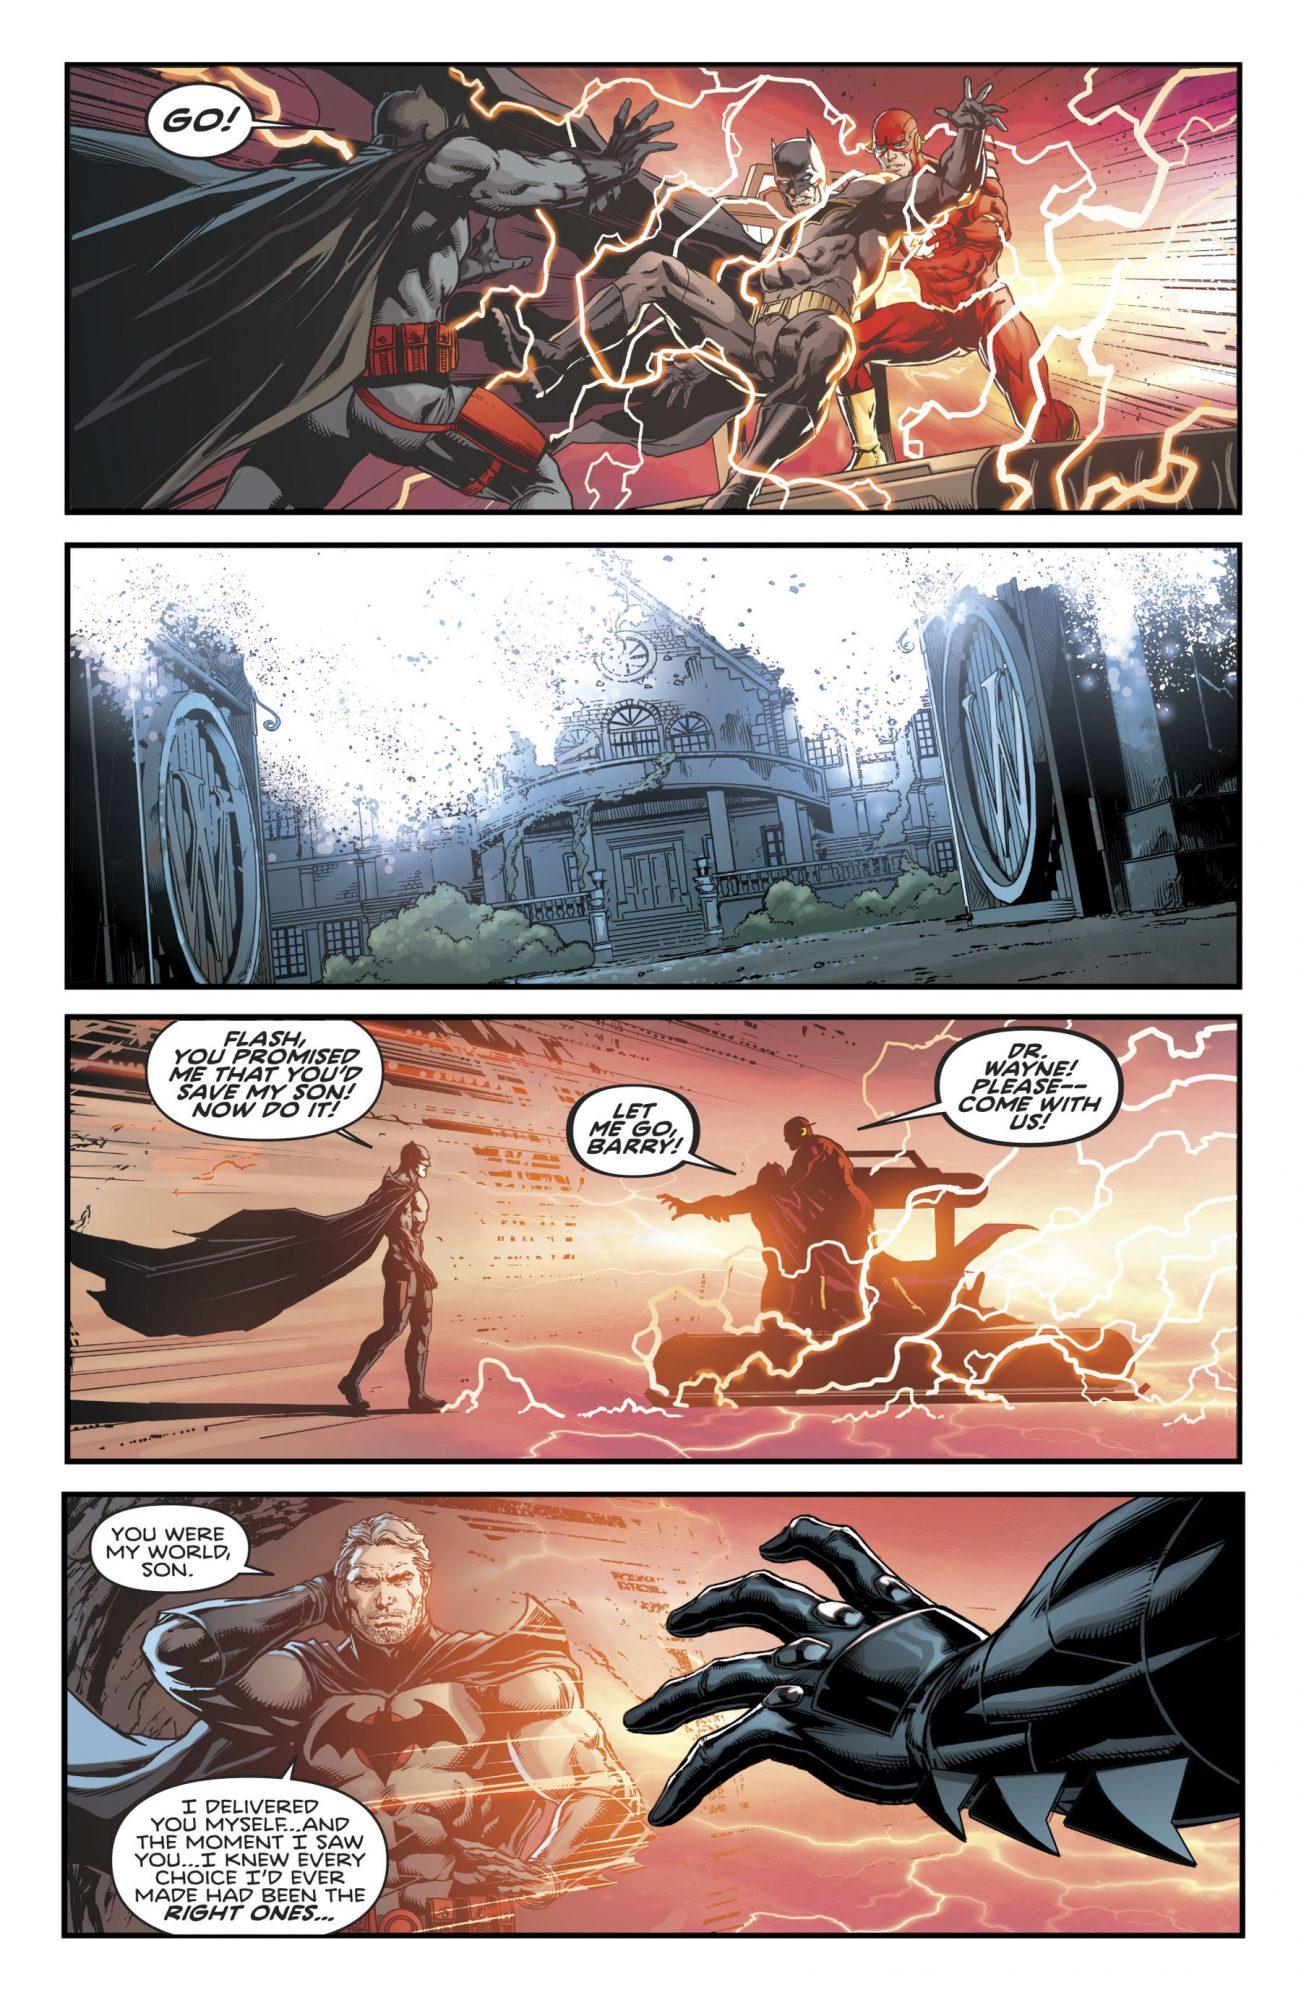 Batman comic CR: DC Comics